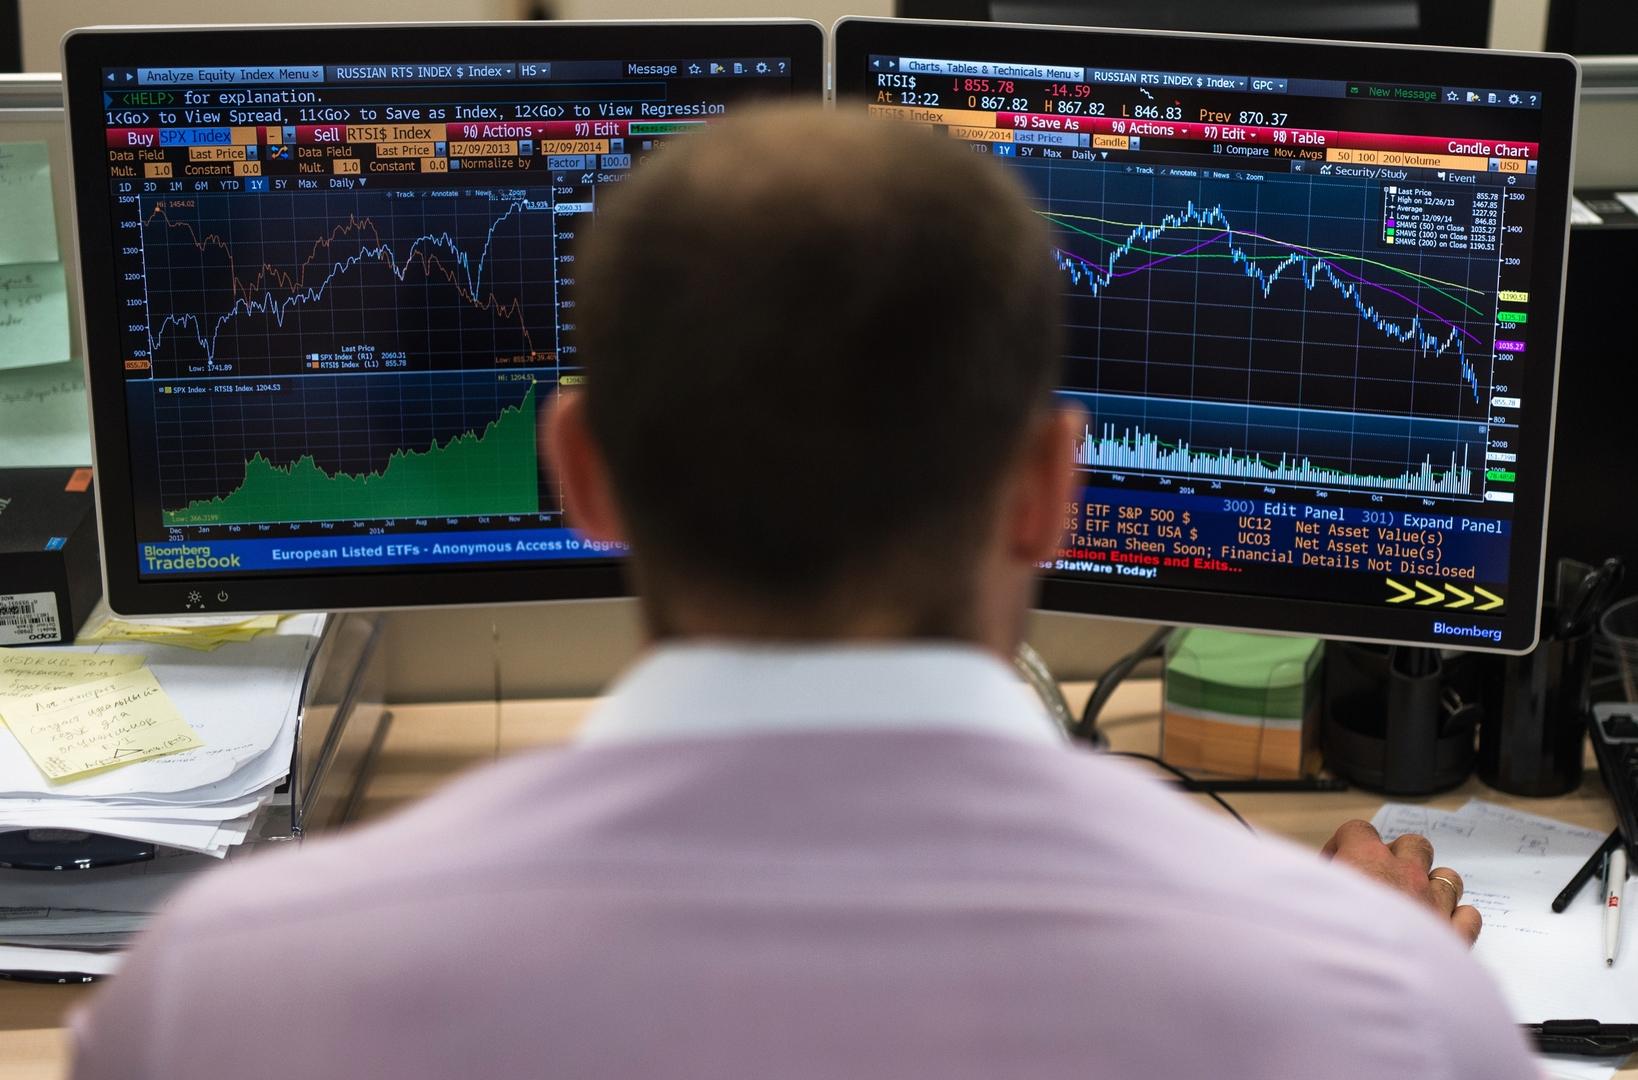 خبراء: الاقتصاد الروسي تجاوز بنجاح المرحلة الأولى من الجائحة